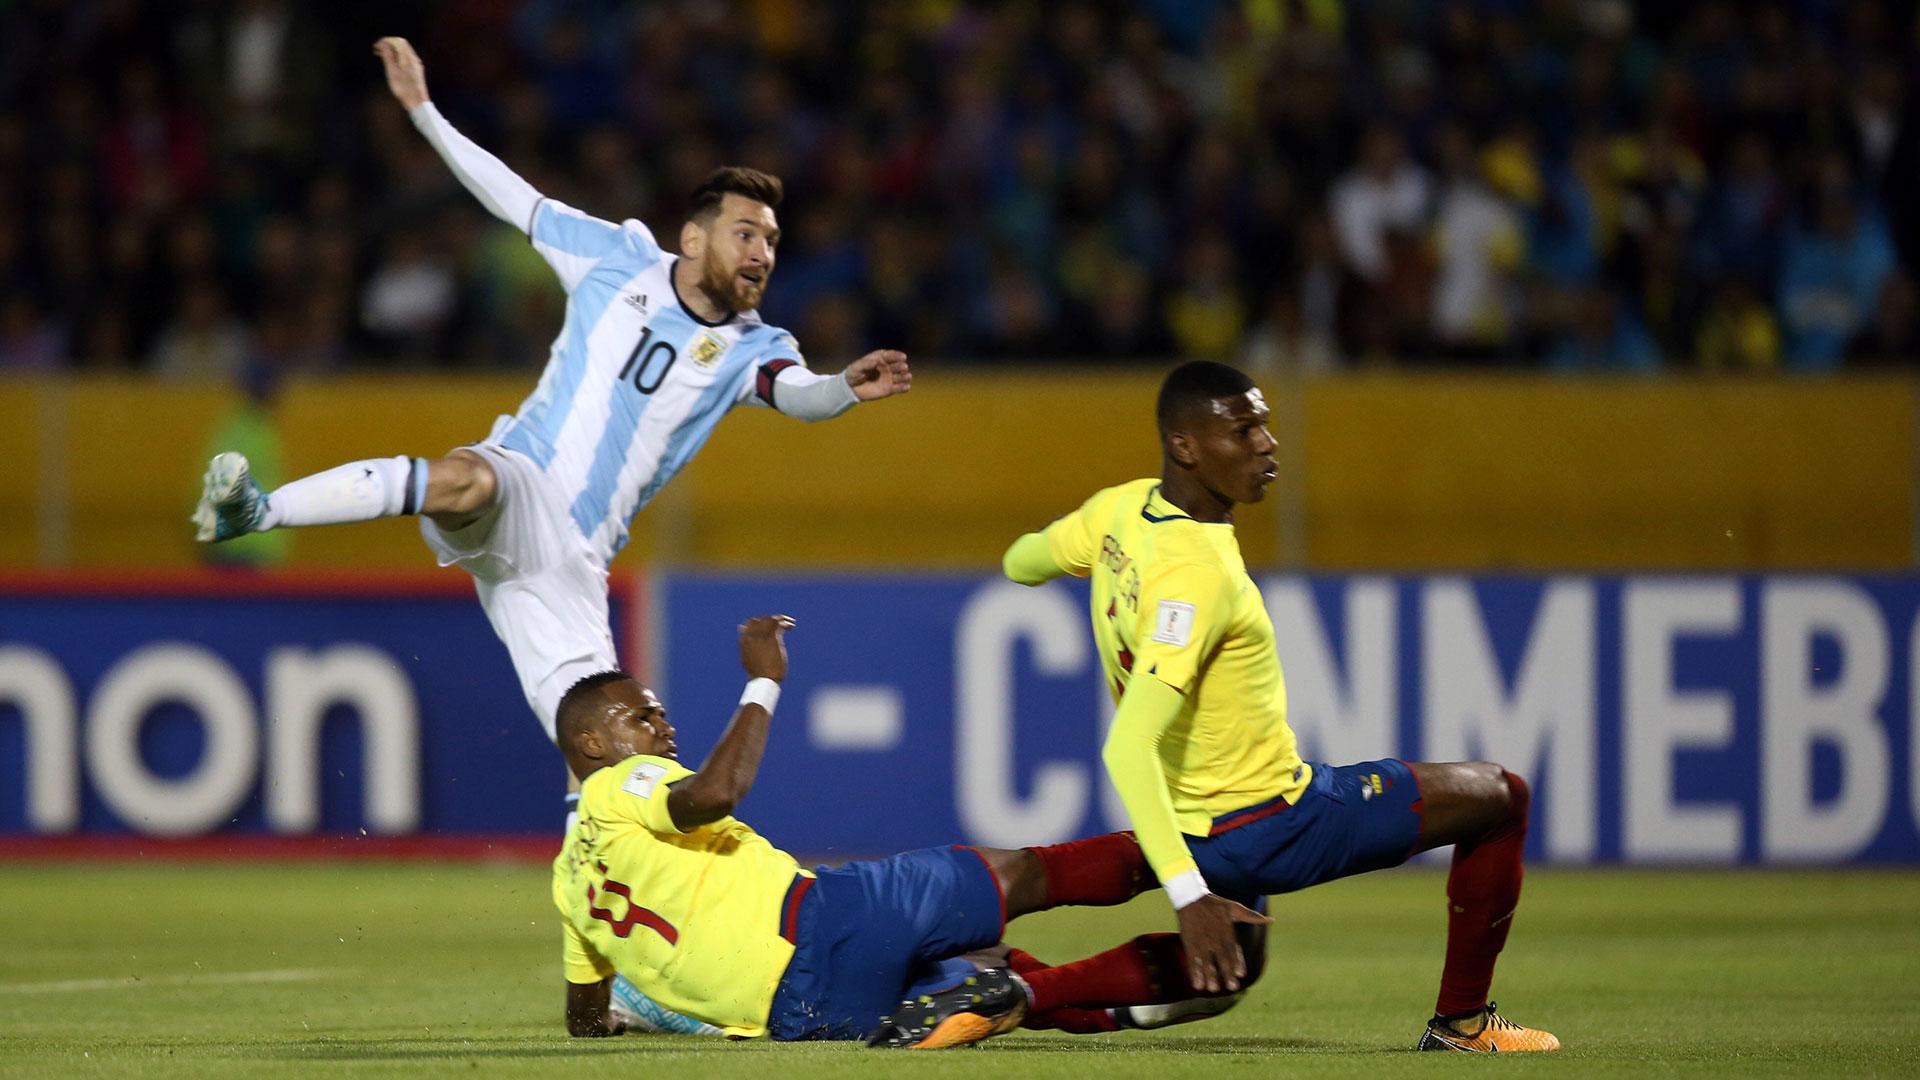 En el complemento la catarata de goles que se dio en el resto de los partidos no le significó nada a la Argentina